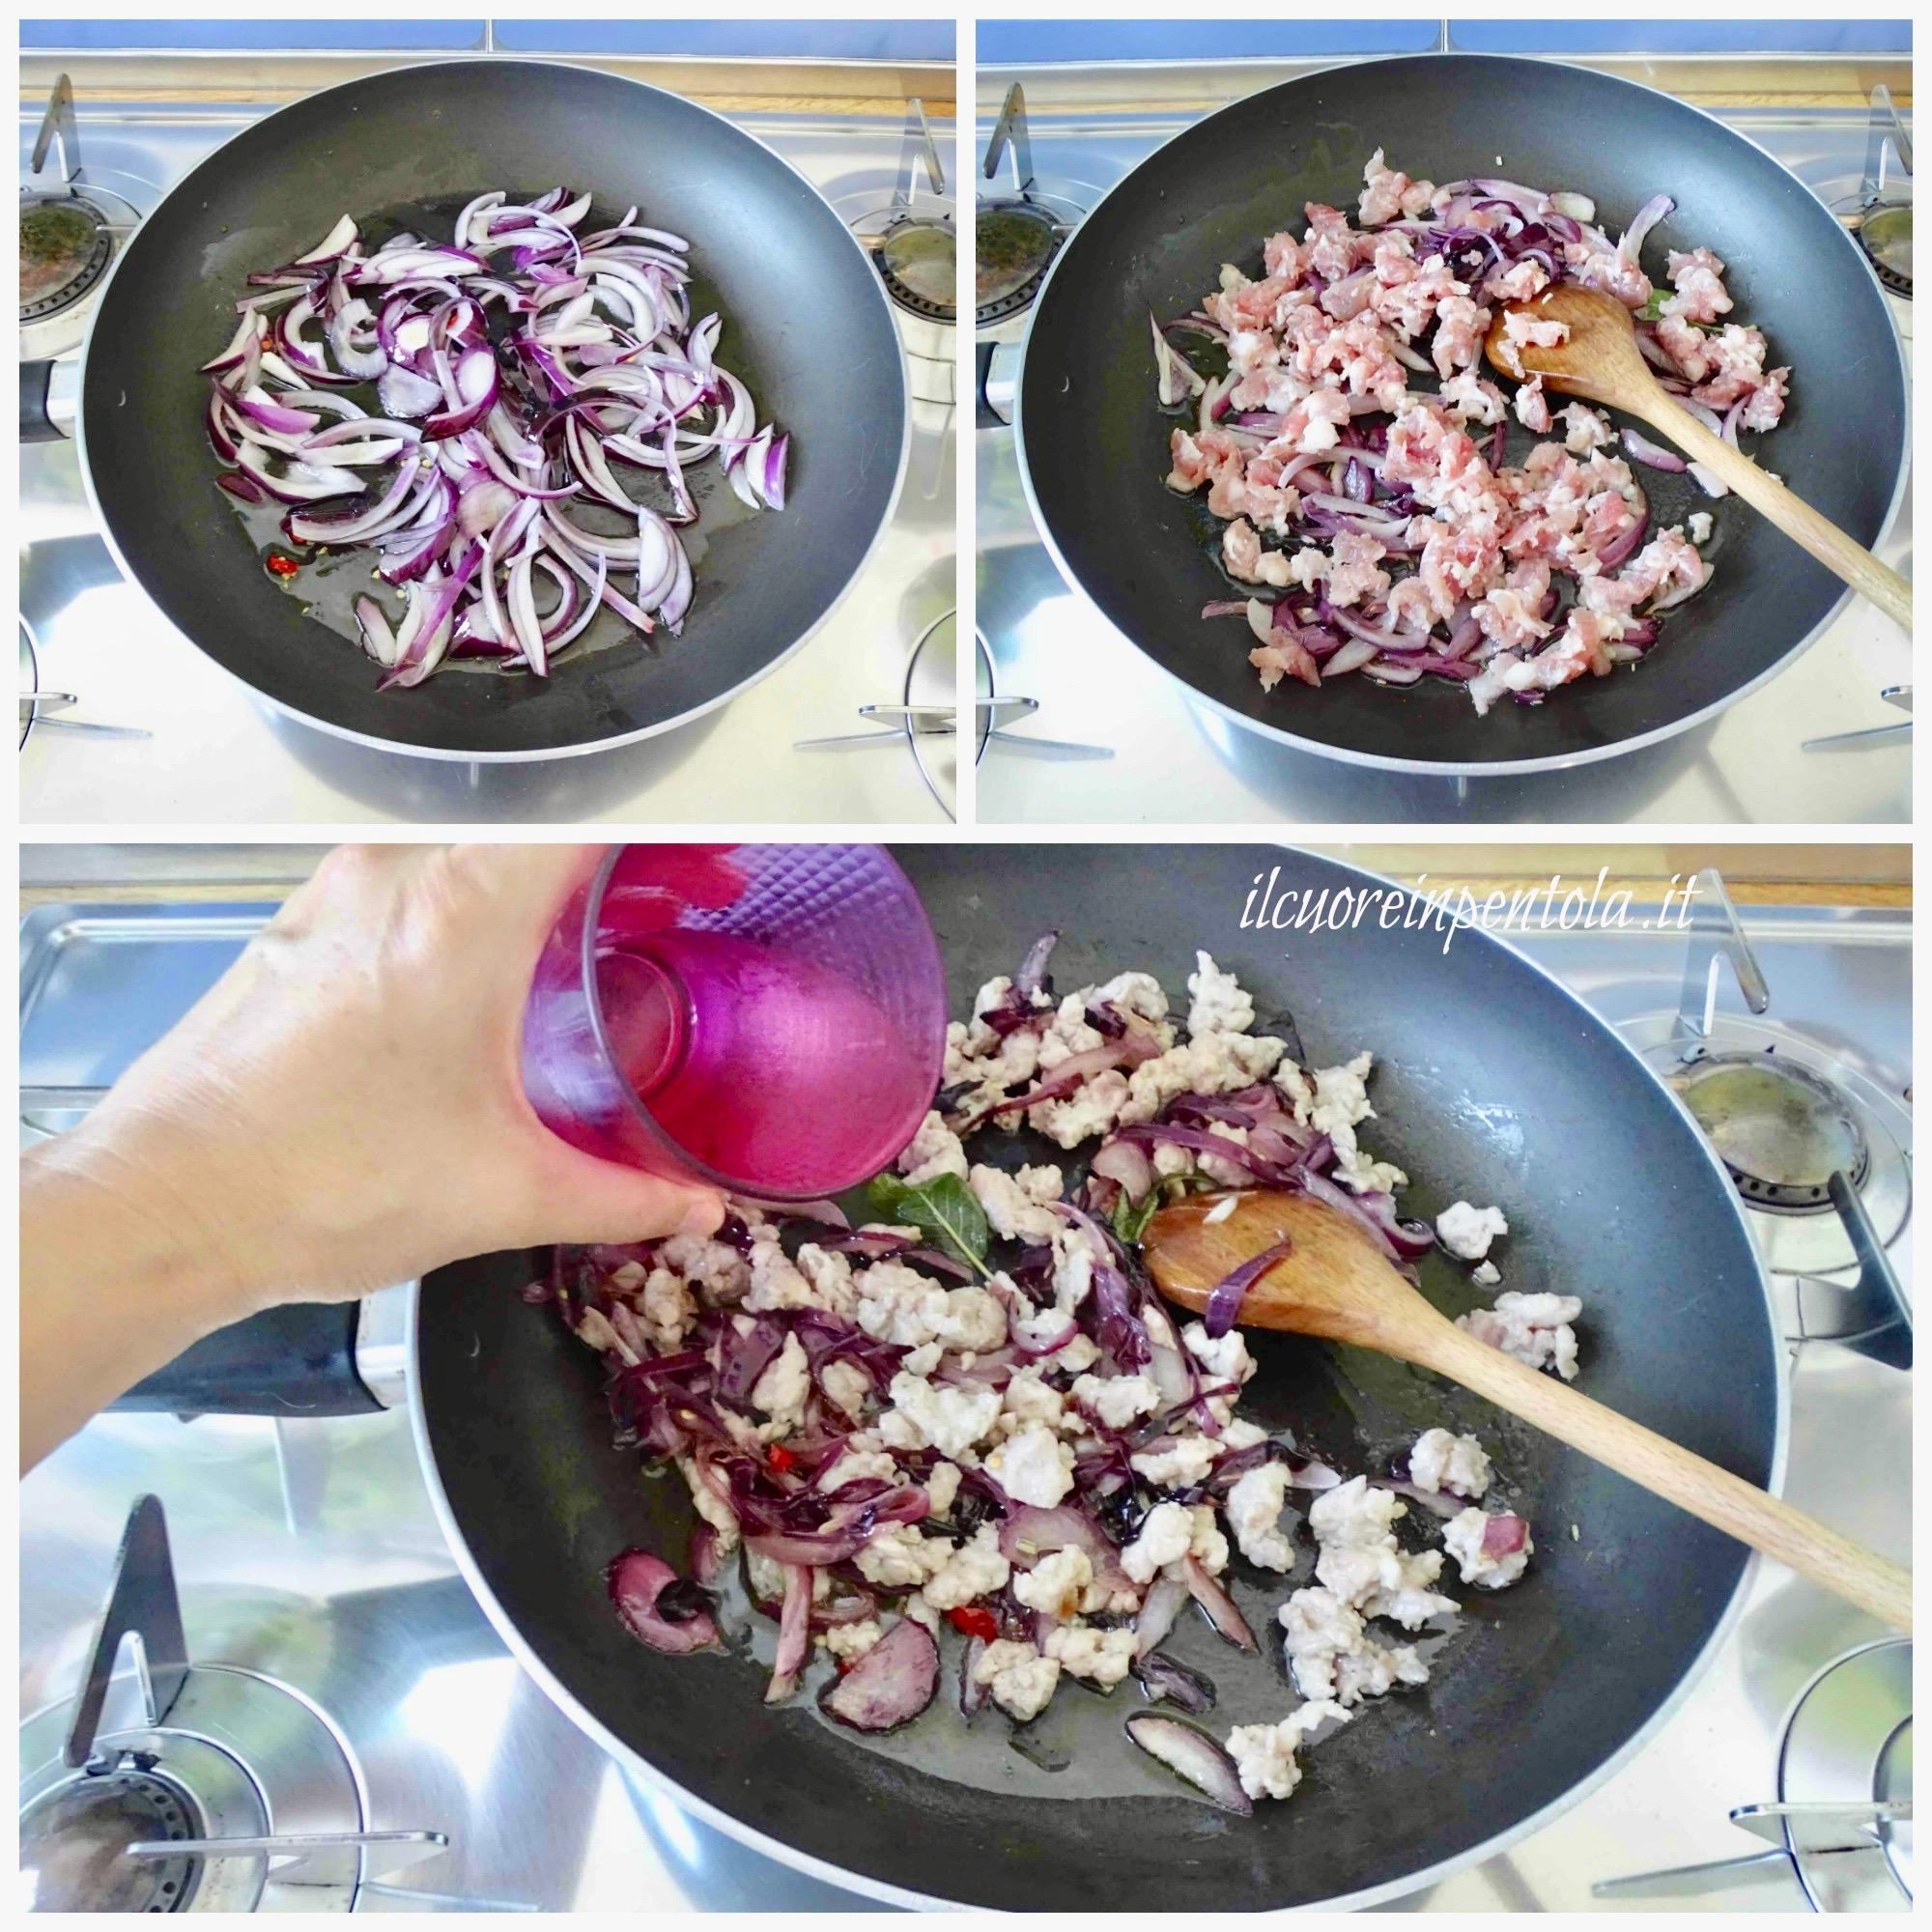 soffriggere cipolla e aggiungere salsiccia